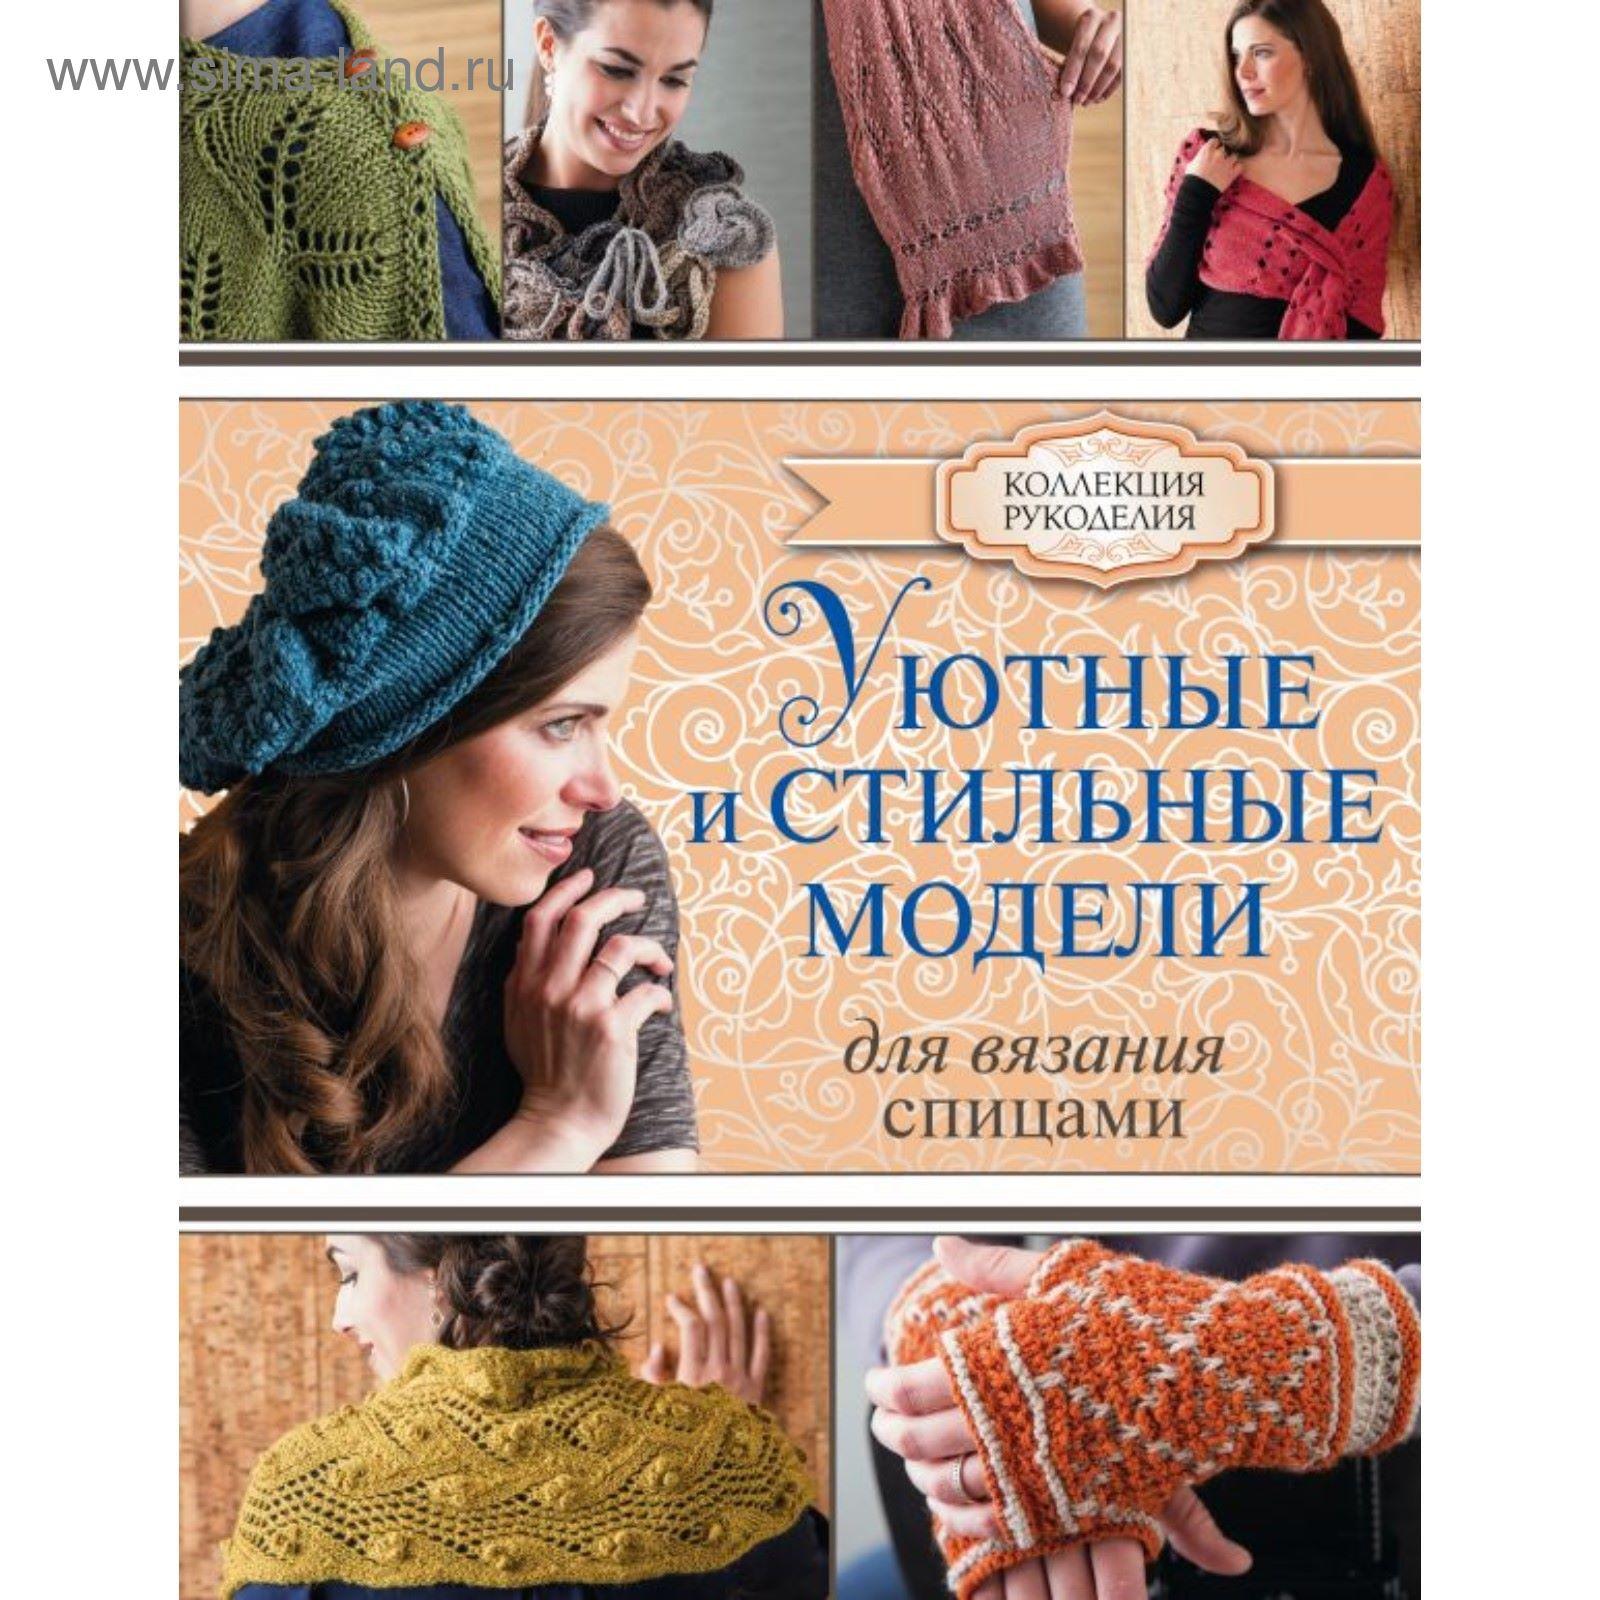 уютные и стильные модели для вязания спицами юмико а 2250770